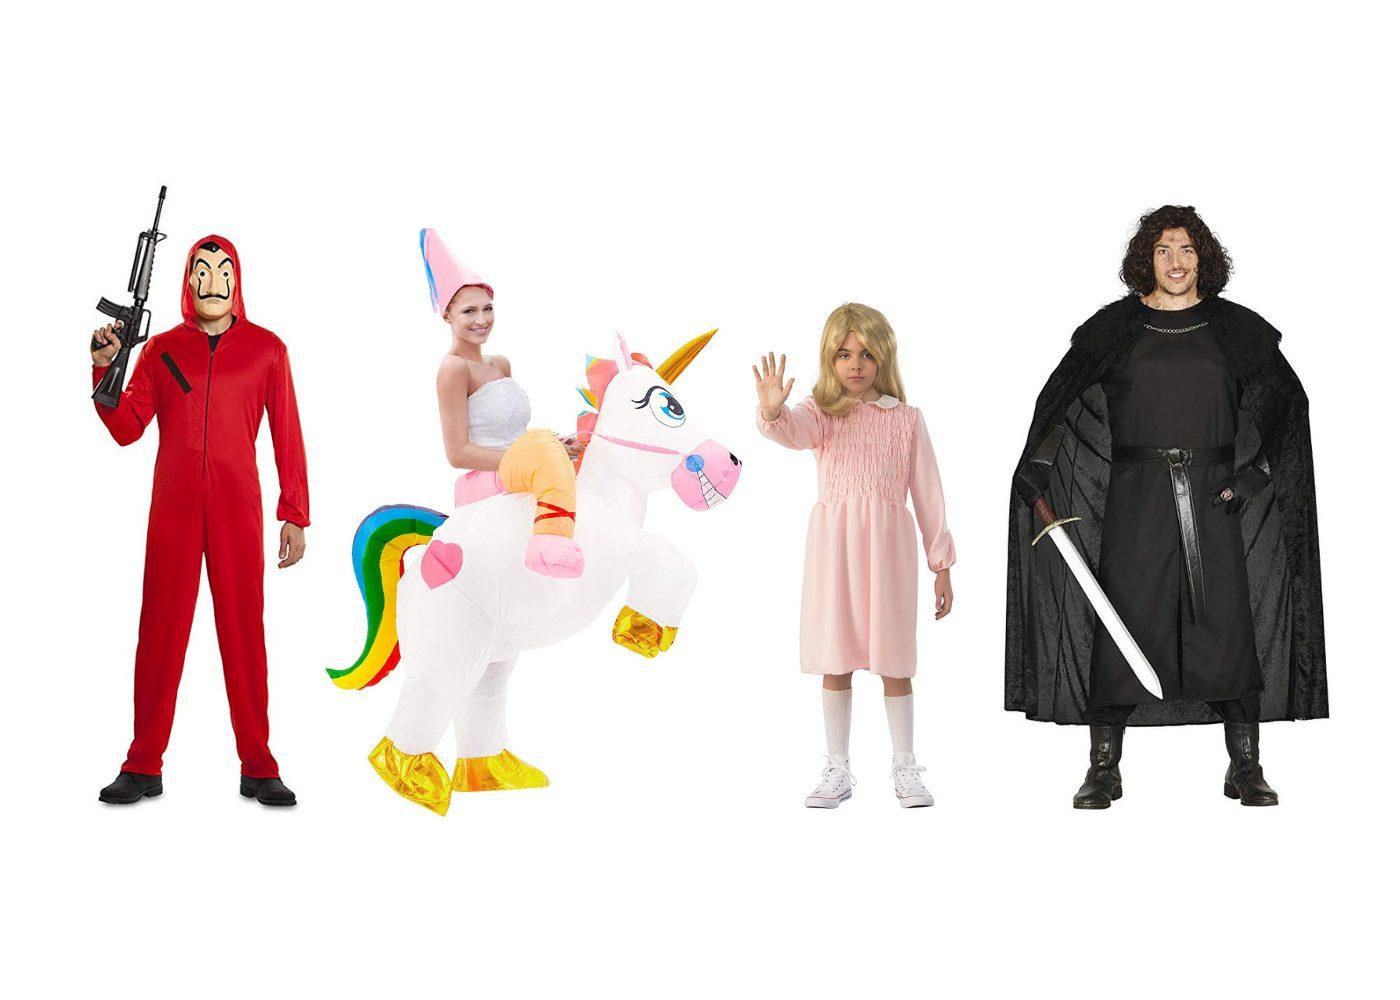 ab081af6dbd7 Costumi di Carnevale 2019: novità e idee in catalogo per adulti e bambini